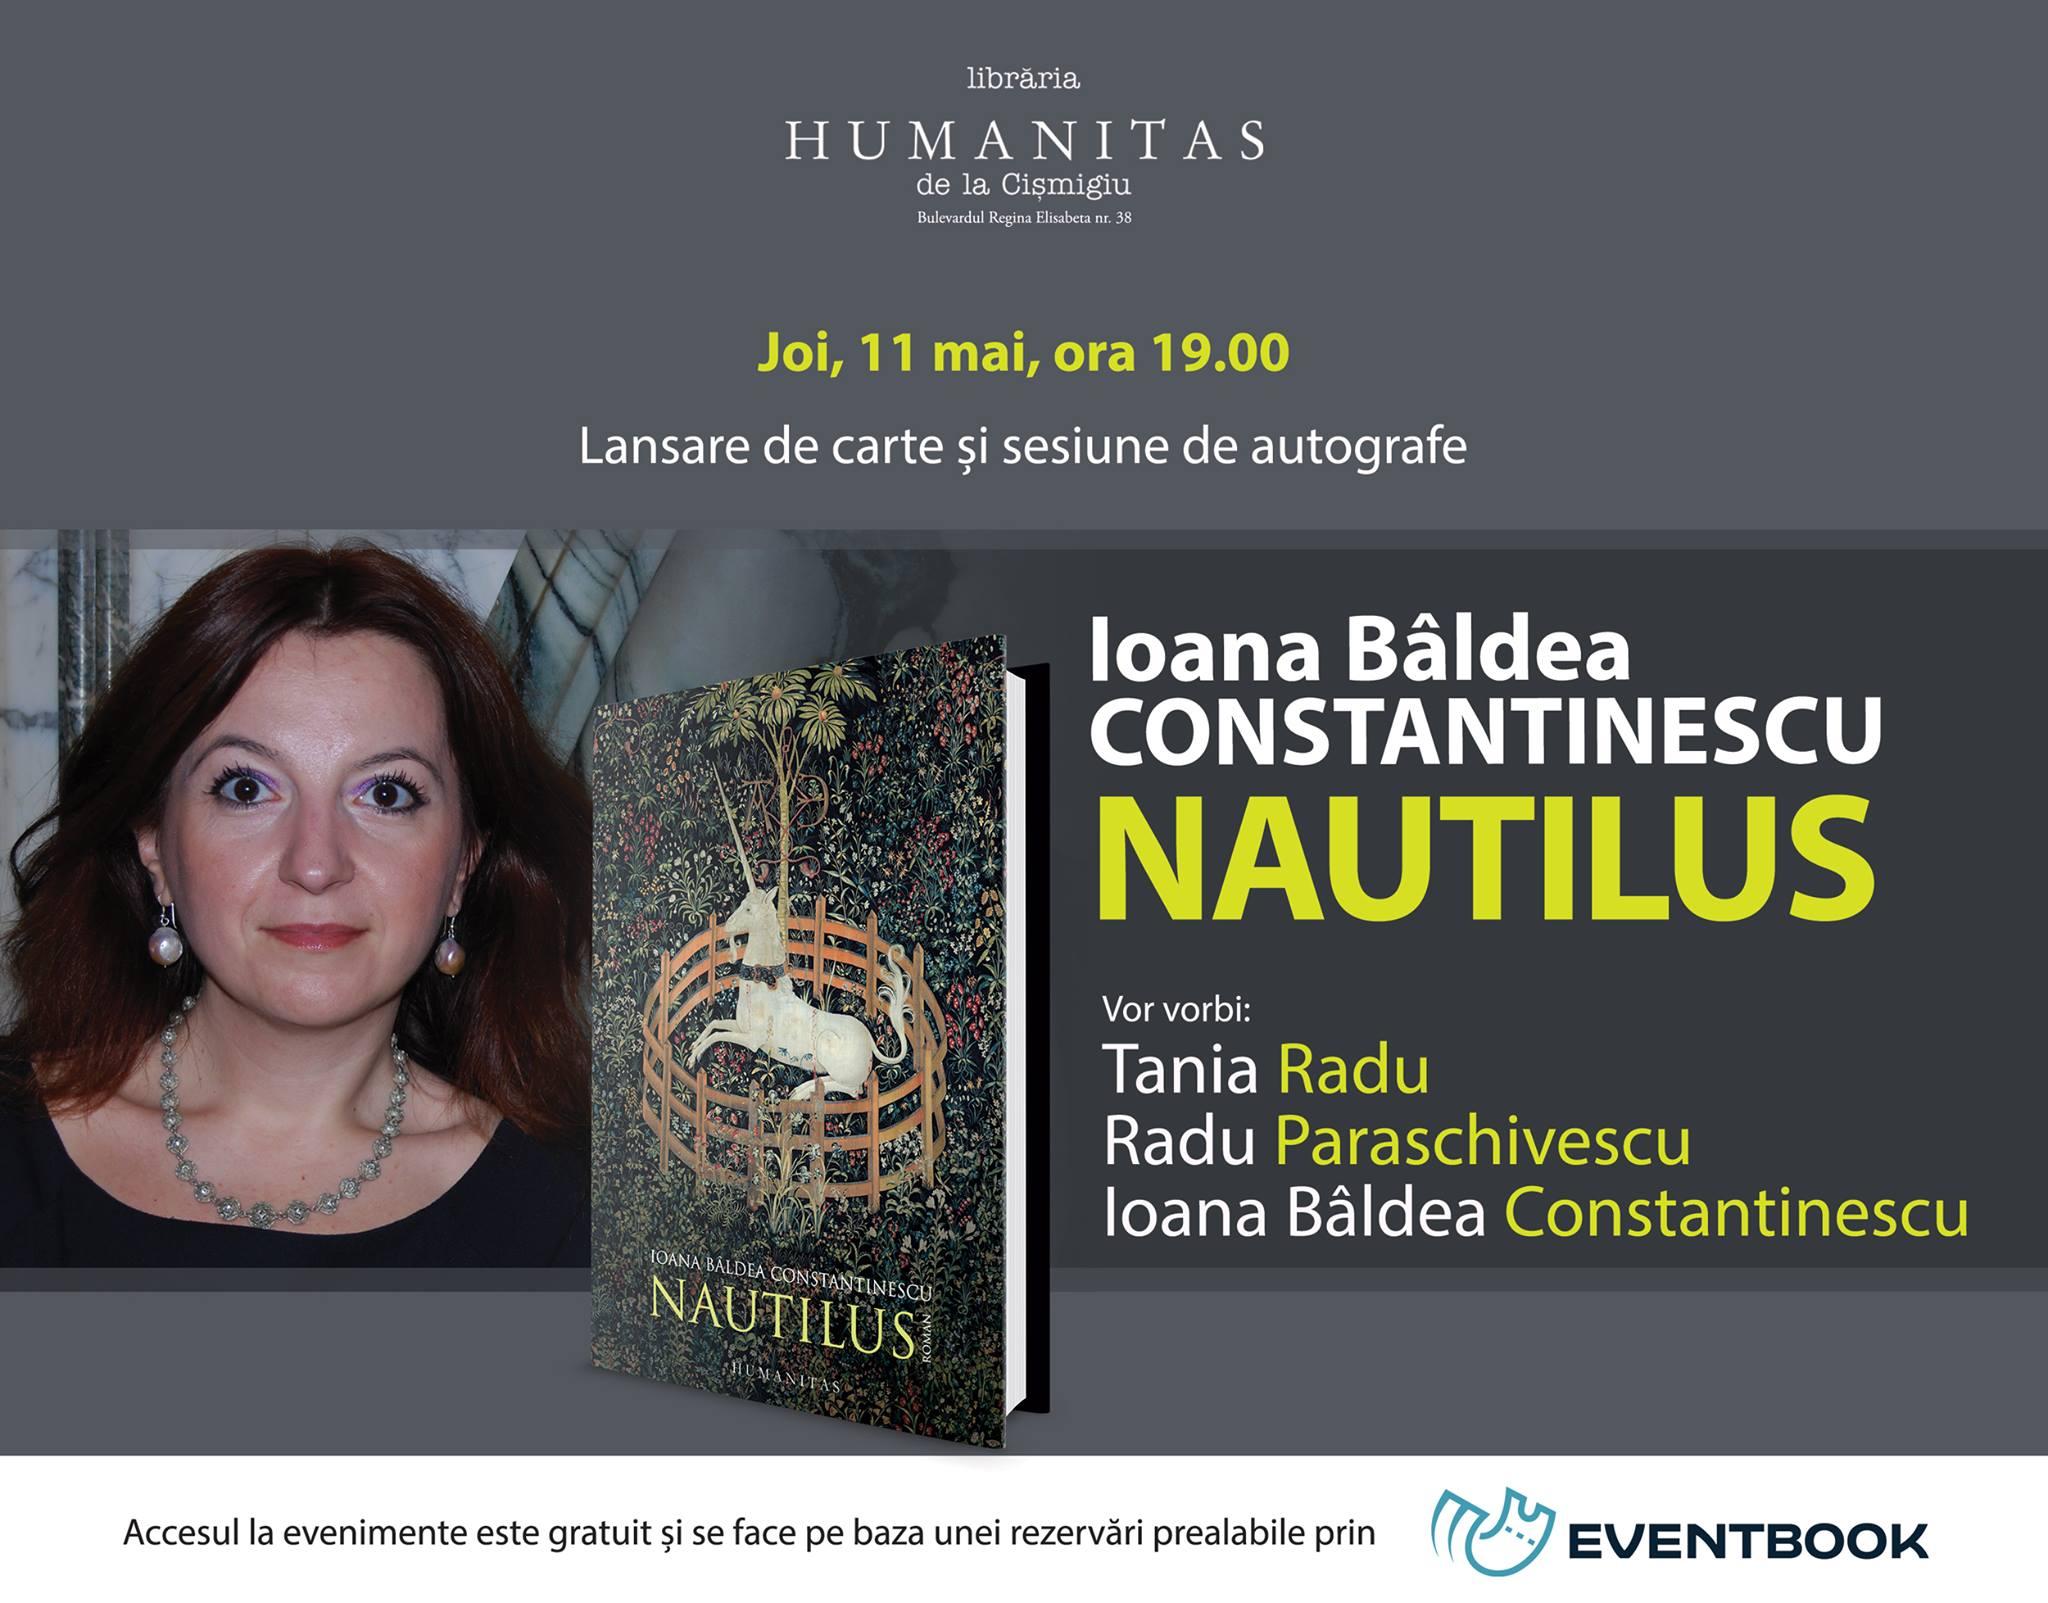 """Ioana Bâldea Constantinescu şi invitaţii săi despre """"Nautilus"""""""